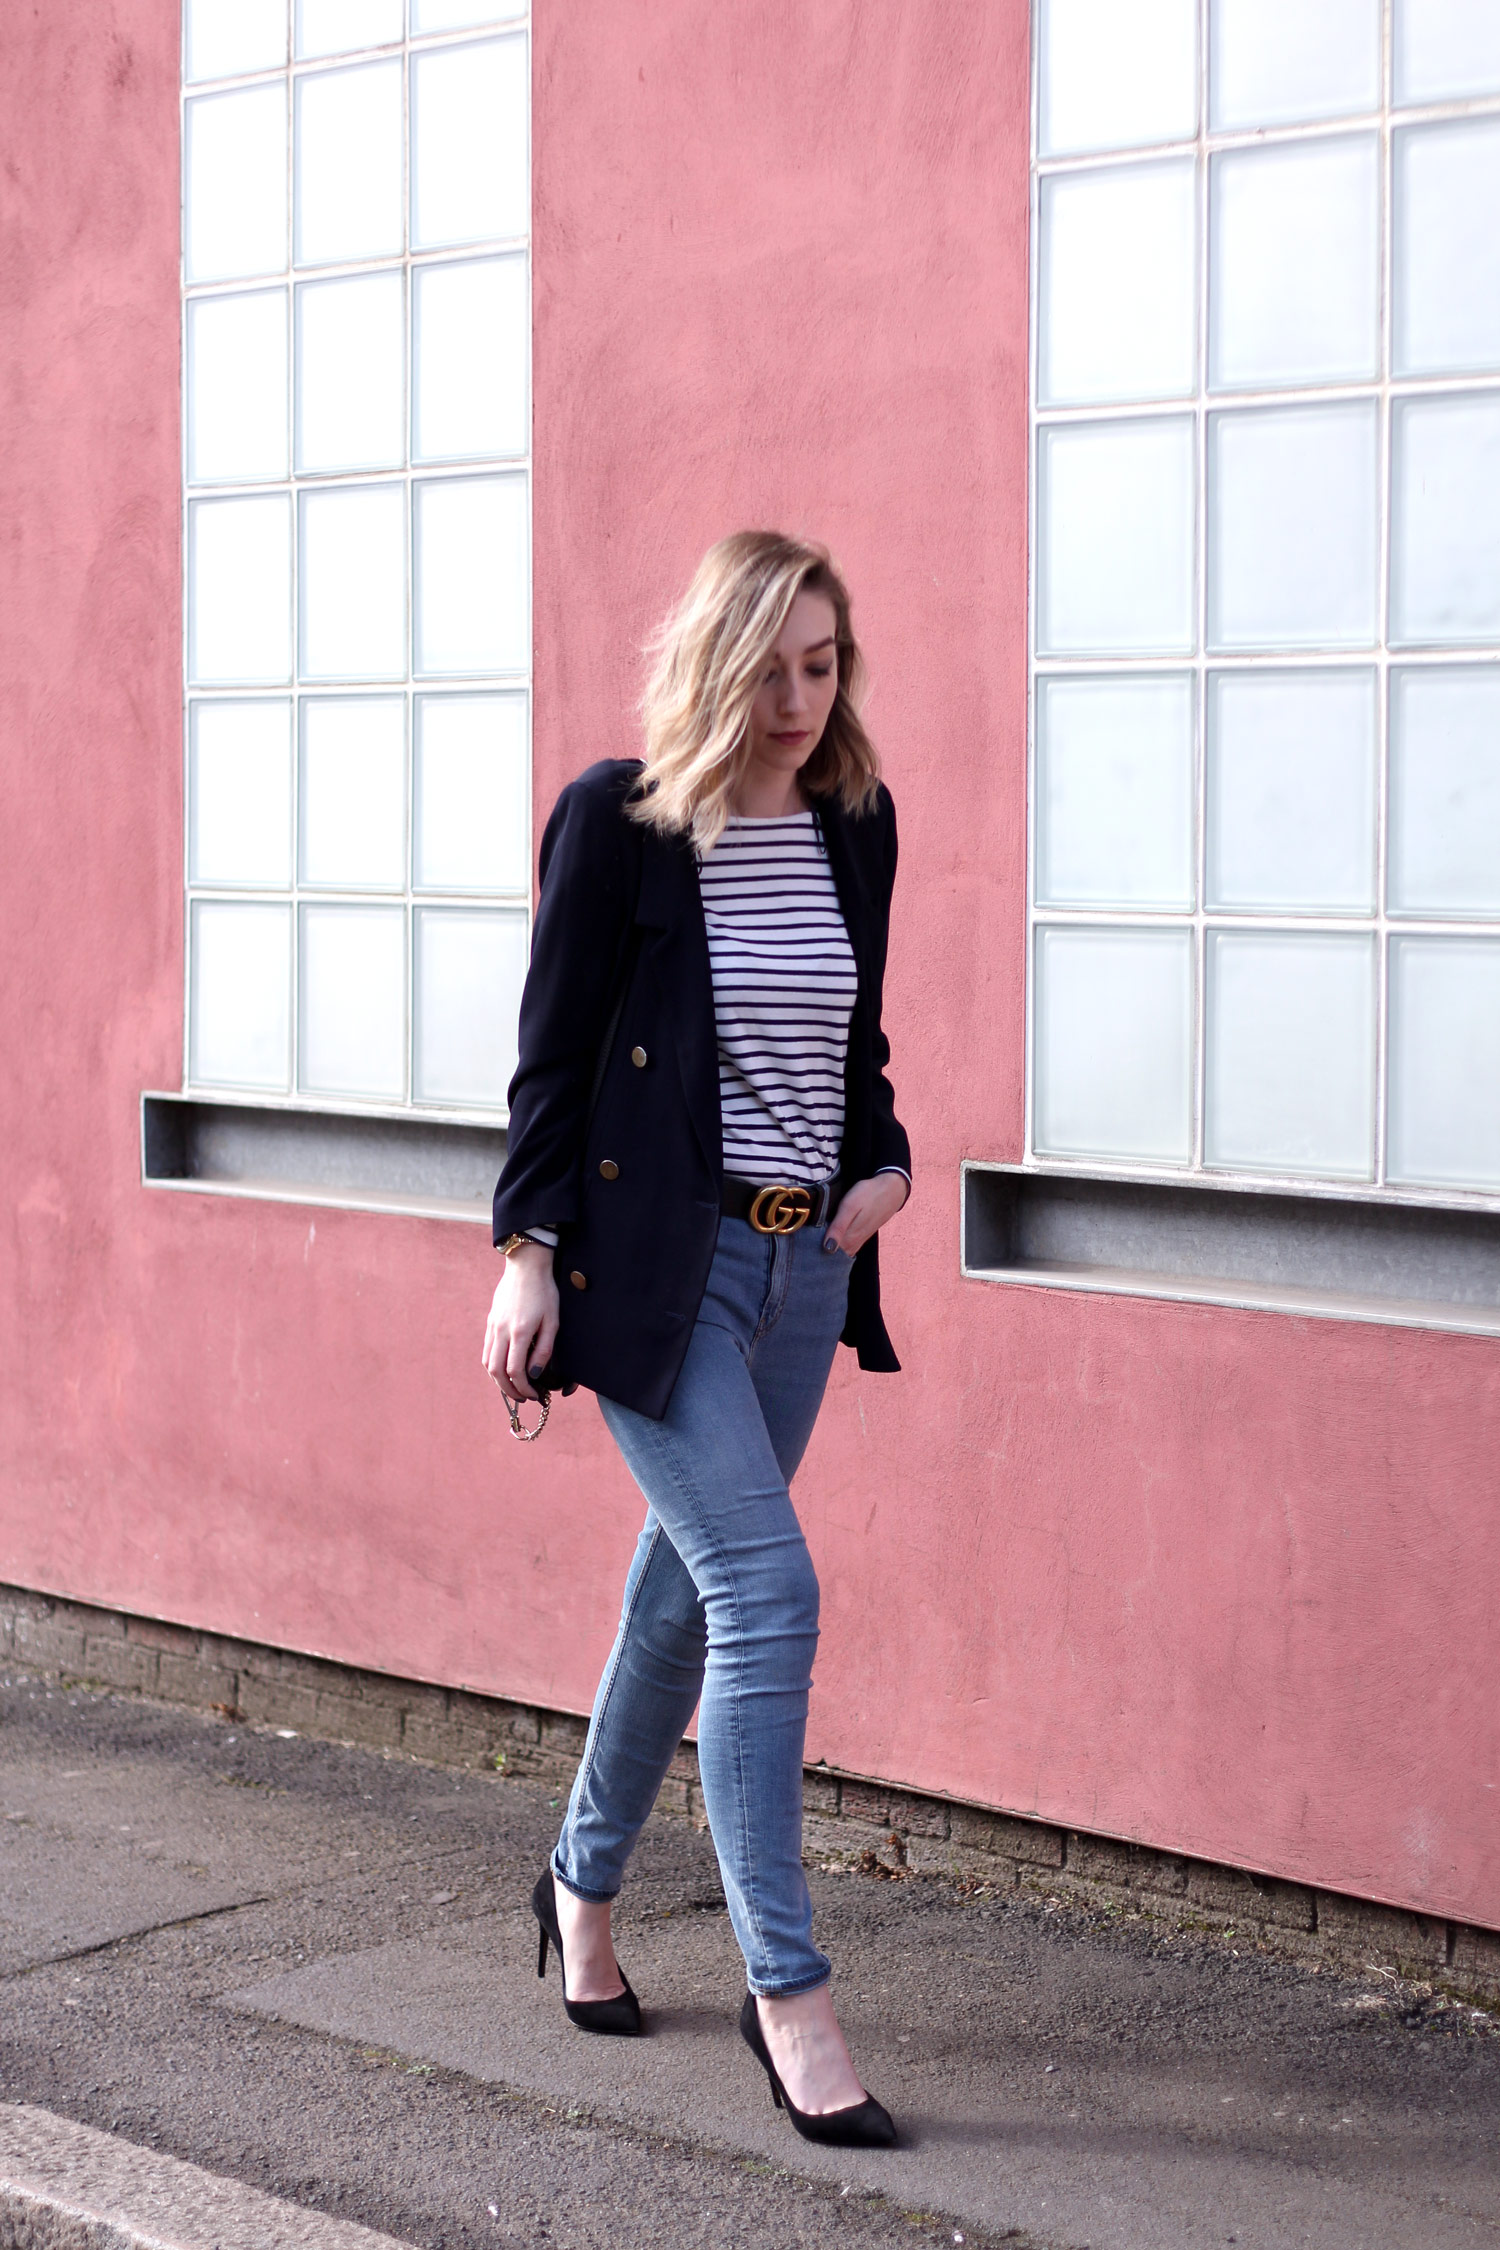 farfetch-dolce-gabbana-black-suede-heels-weekday-jeans-chloe-faye-black-5